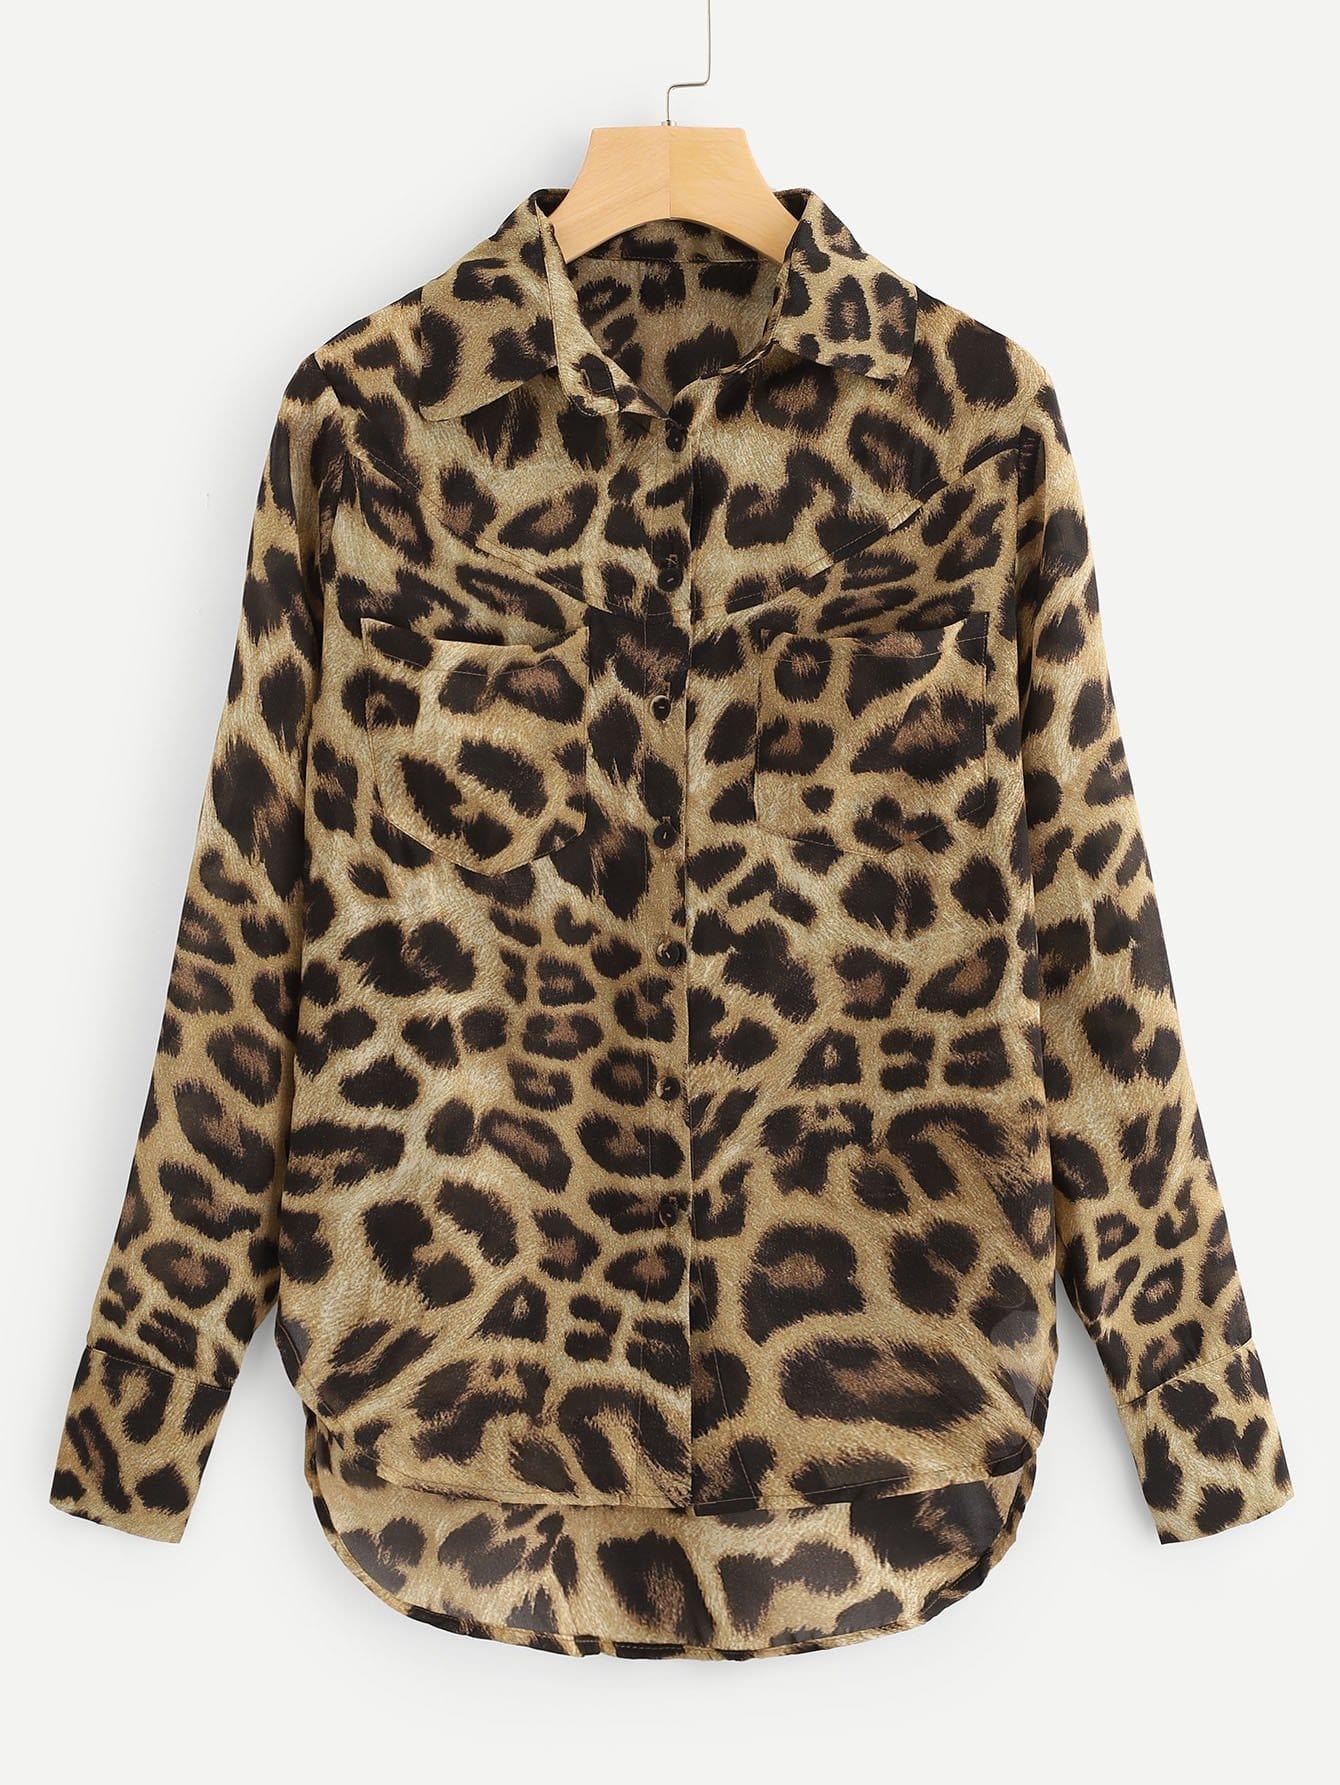 Купить Леопардовая блузка с асимметричным низом, null, SheIn